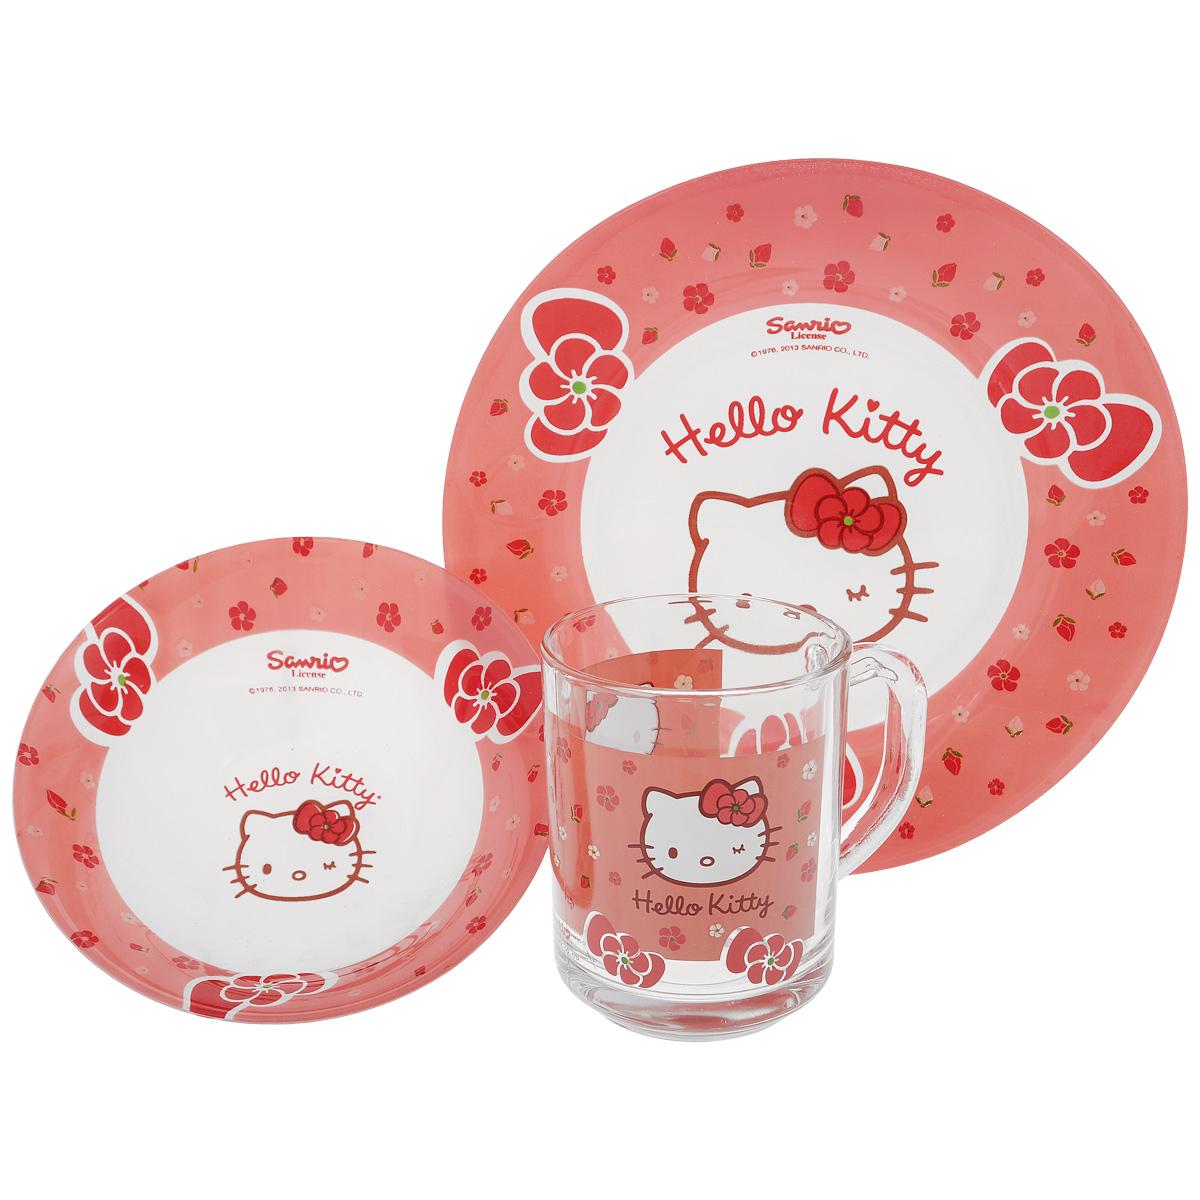 Набор детской посуды Hello Kitty, 3 предметаКРС-223Набор детской посуды Hello Kitty, выполненный из стекла, состоит из кружки, тарелки и салатника. Изделия оформлены изображением героини популярного мультфильма Hello Kitty. Материалы изделий нетоксичены и безопасны для детского здоровья. Детская посуда удобна и увлекательна для вашего малыша. Привычная еда станет более вкусной и приятной, если процесс кормления сопровождать игрой и сказками о любимых героях. Красочная посуда является залогом хорошего настроения и аппетита ваших детей. Можно мыть в посудомоечной машине. Диаметр тарелка: 19,5 см. Диаметр салатника: 14 см. Высота салатника: 4,5 см. Объем кружки: 250 мл. Диаметр кружки (по верхнему краю): 7 см. Высота кружки: 9,5 см.